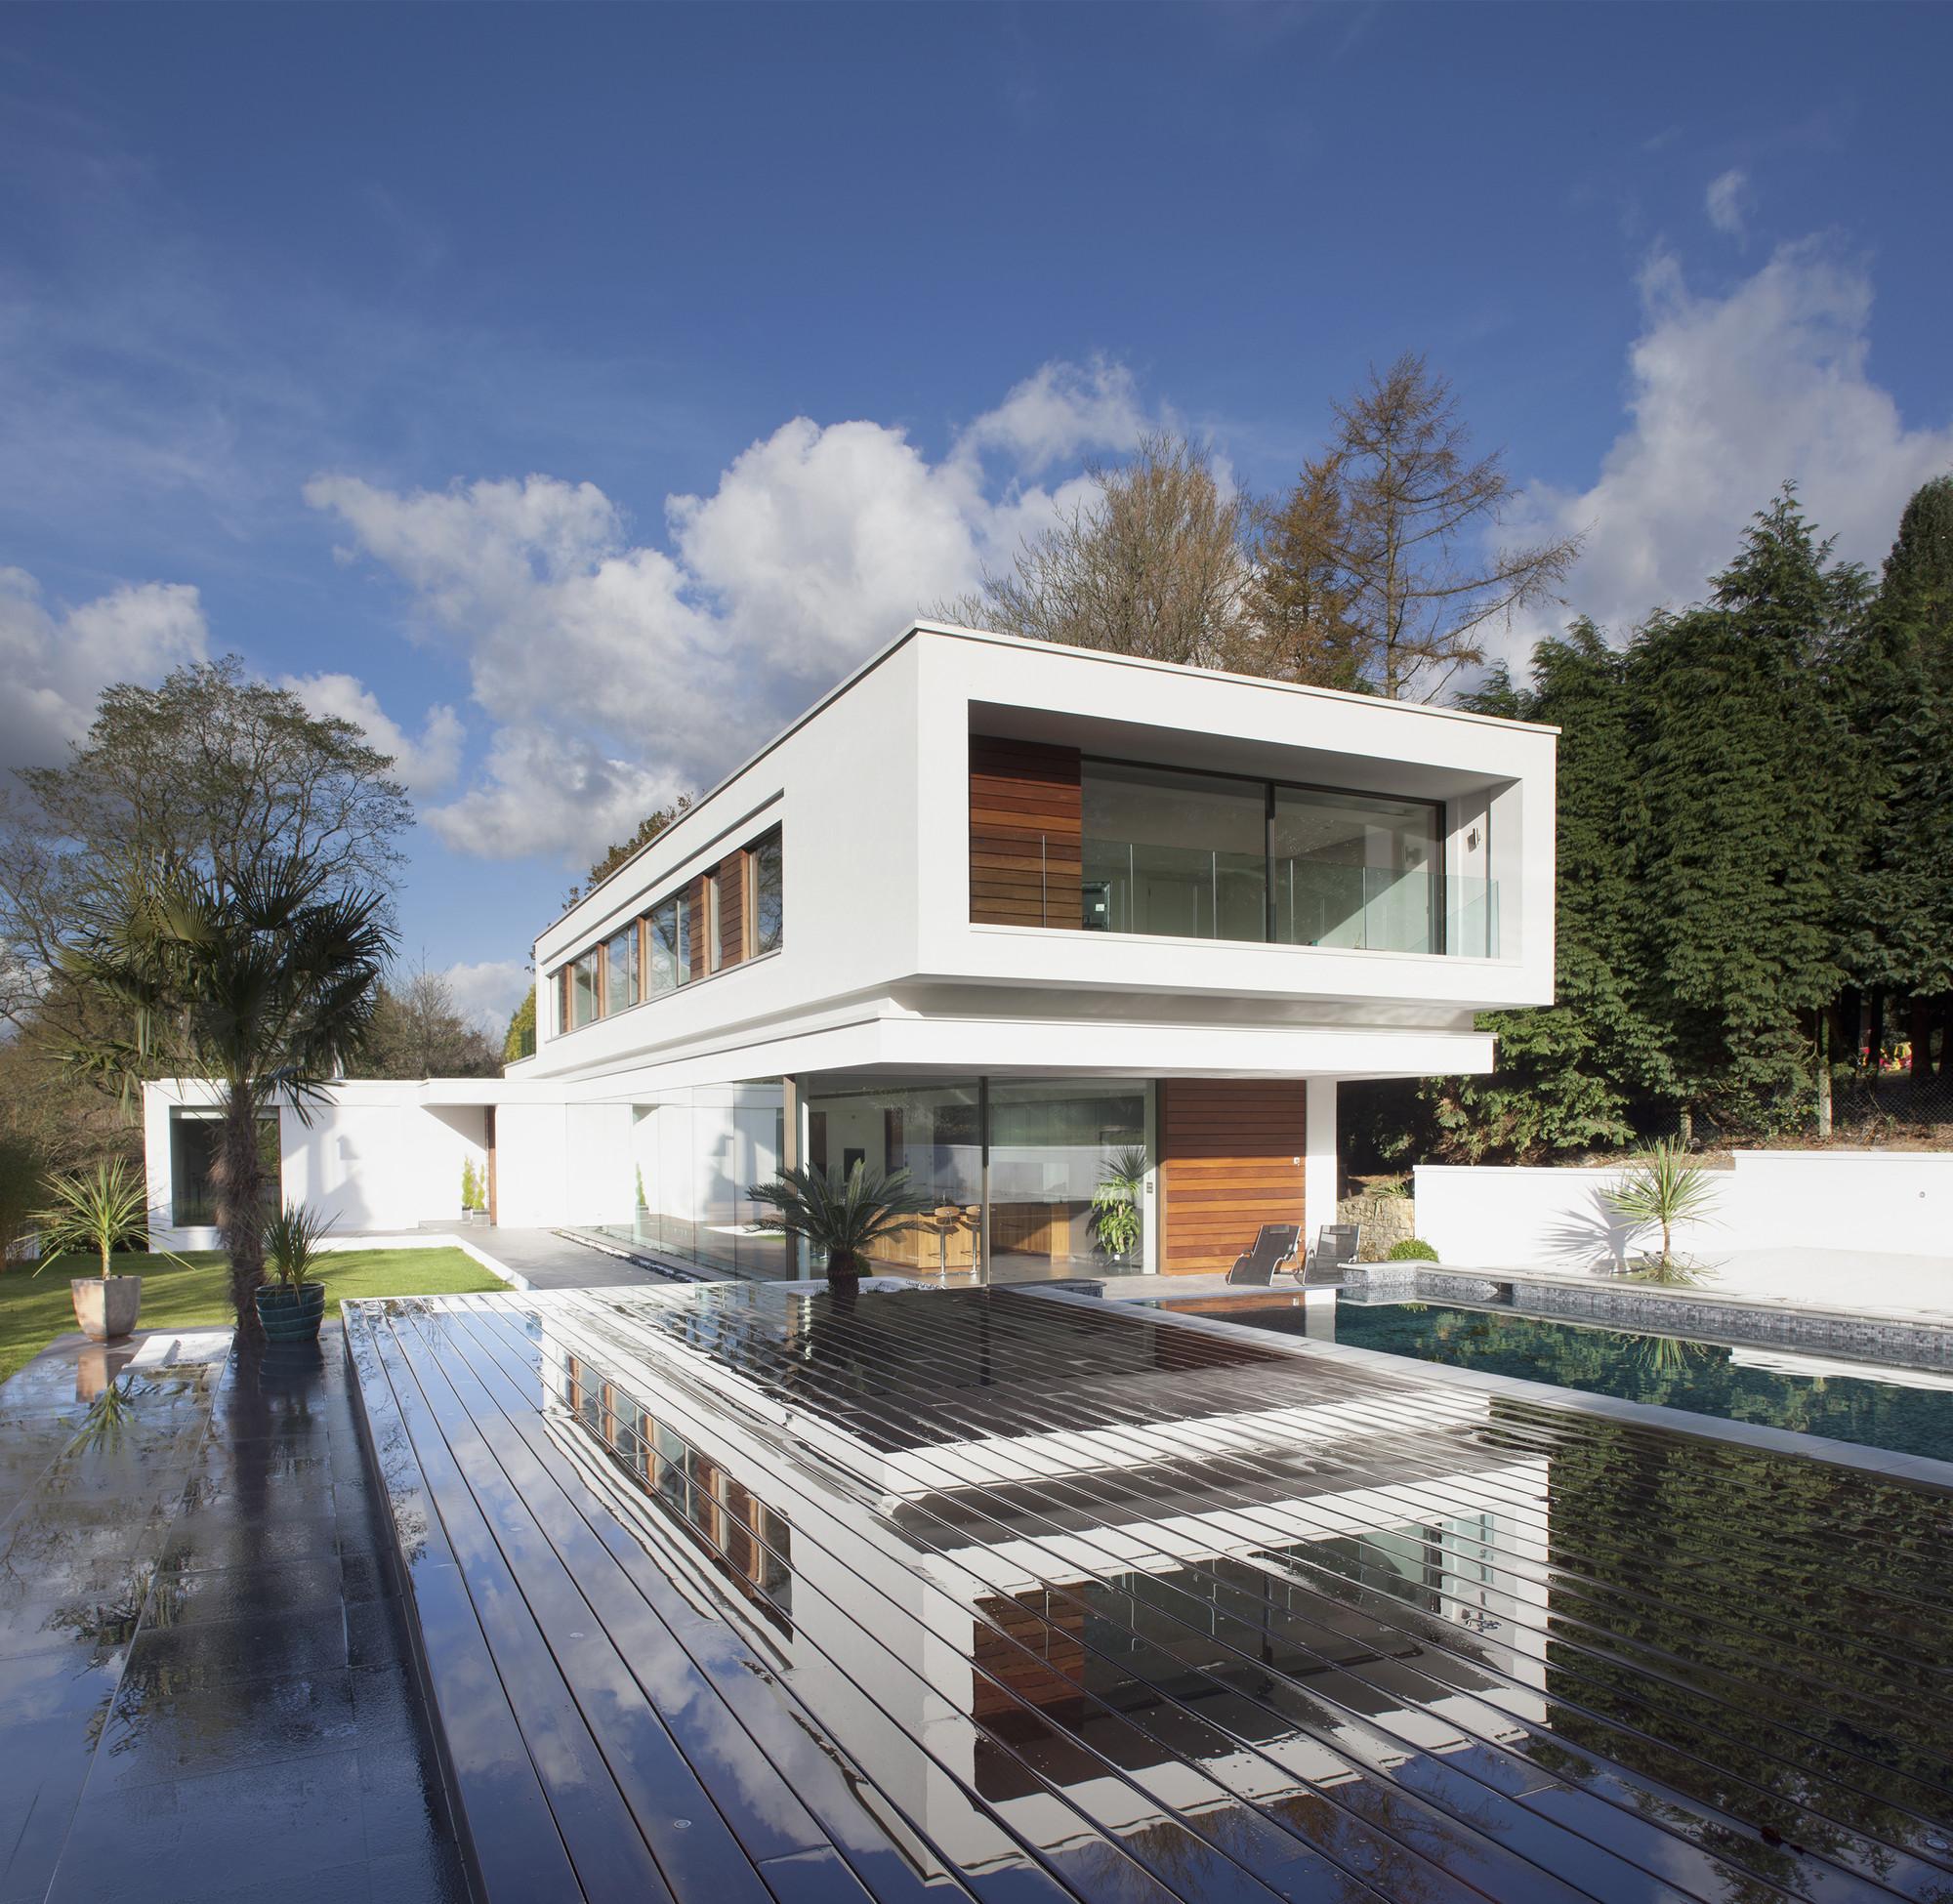 White Lodge / DyerGrimes Architects, Courtesy of DyerGrimes Architects